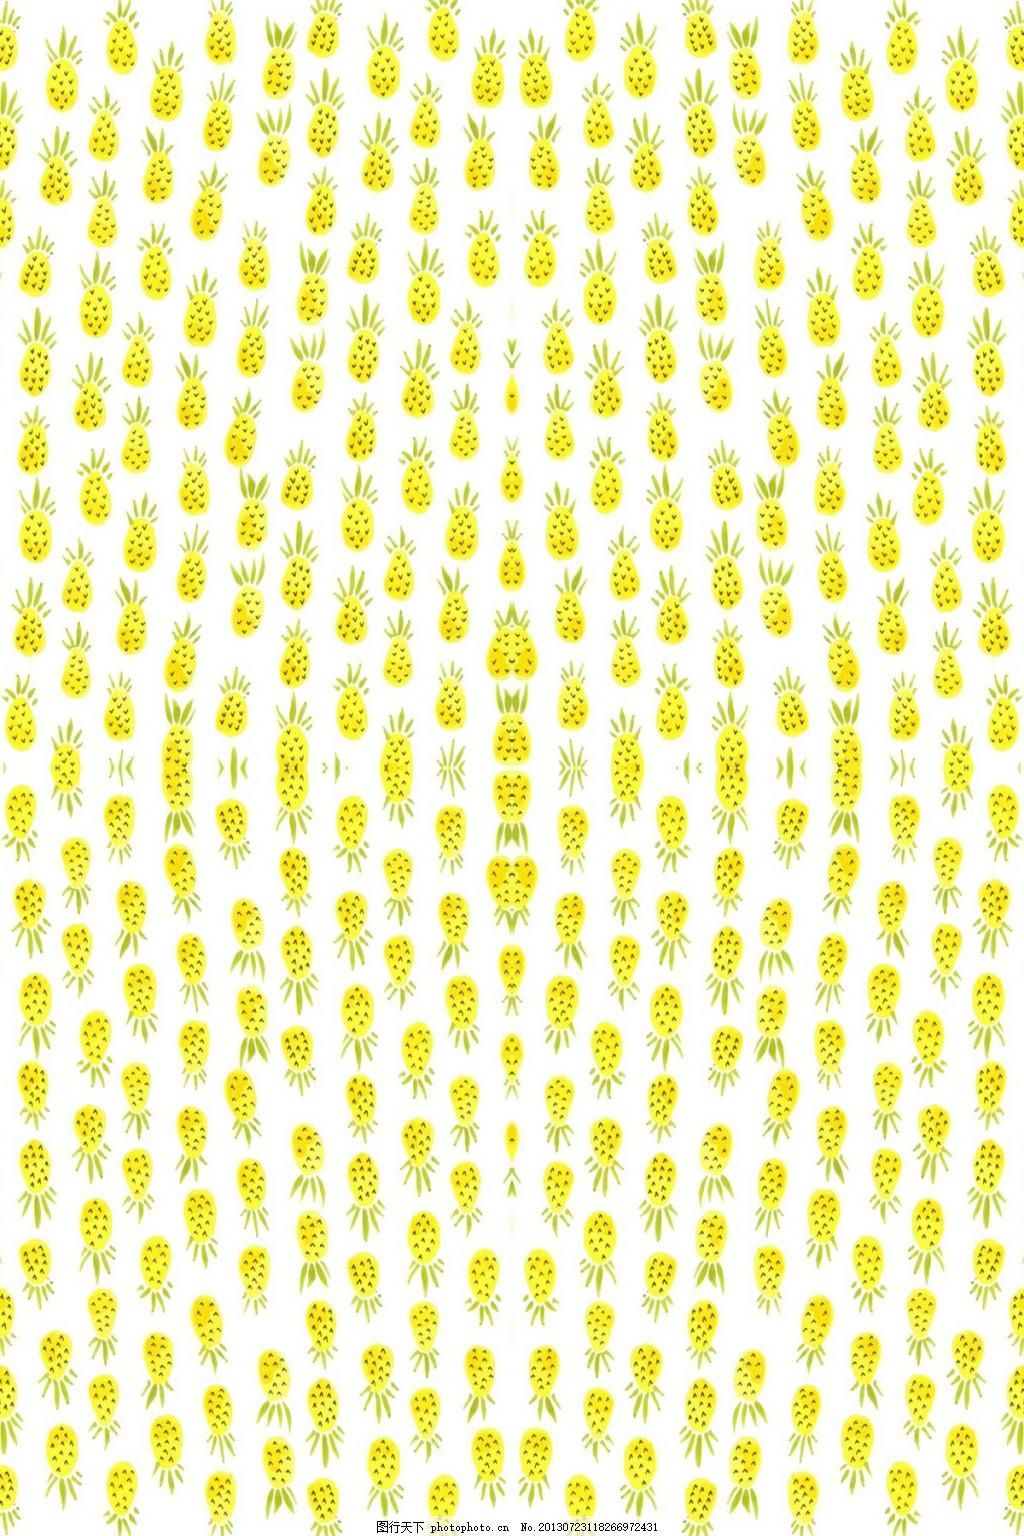 菠萝背景 黄色 白底 白色